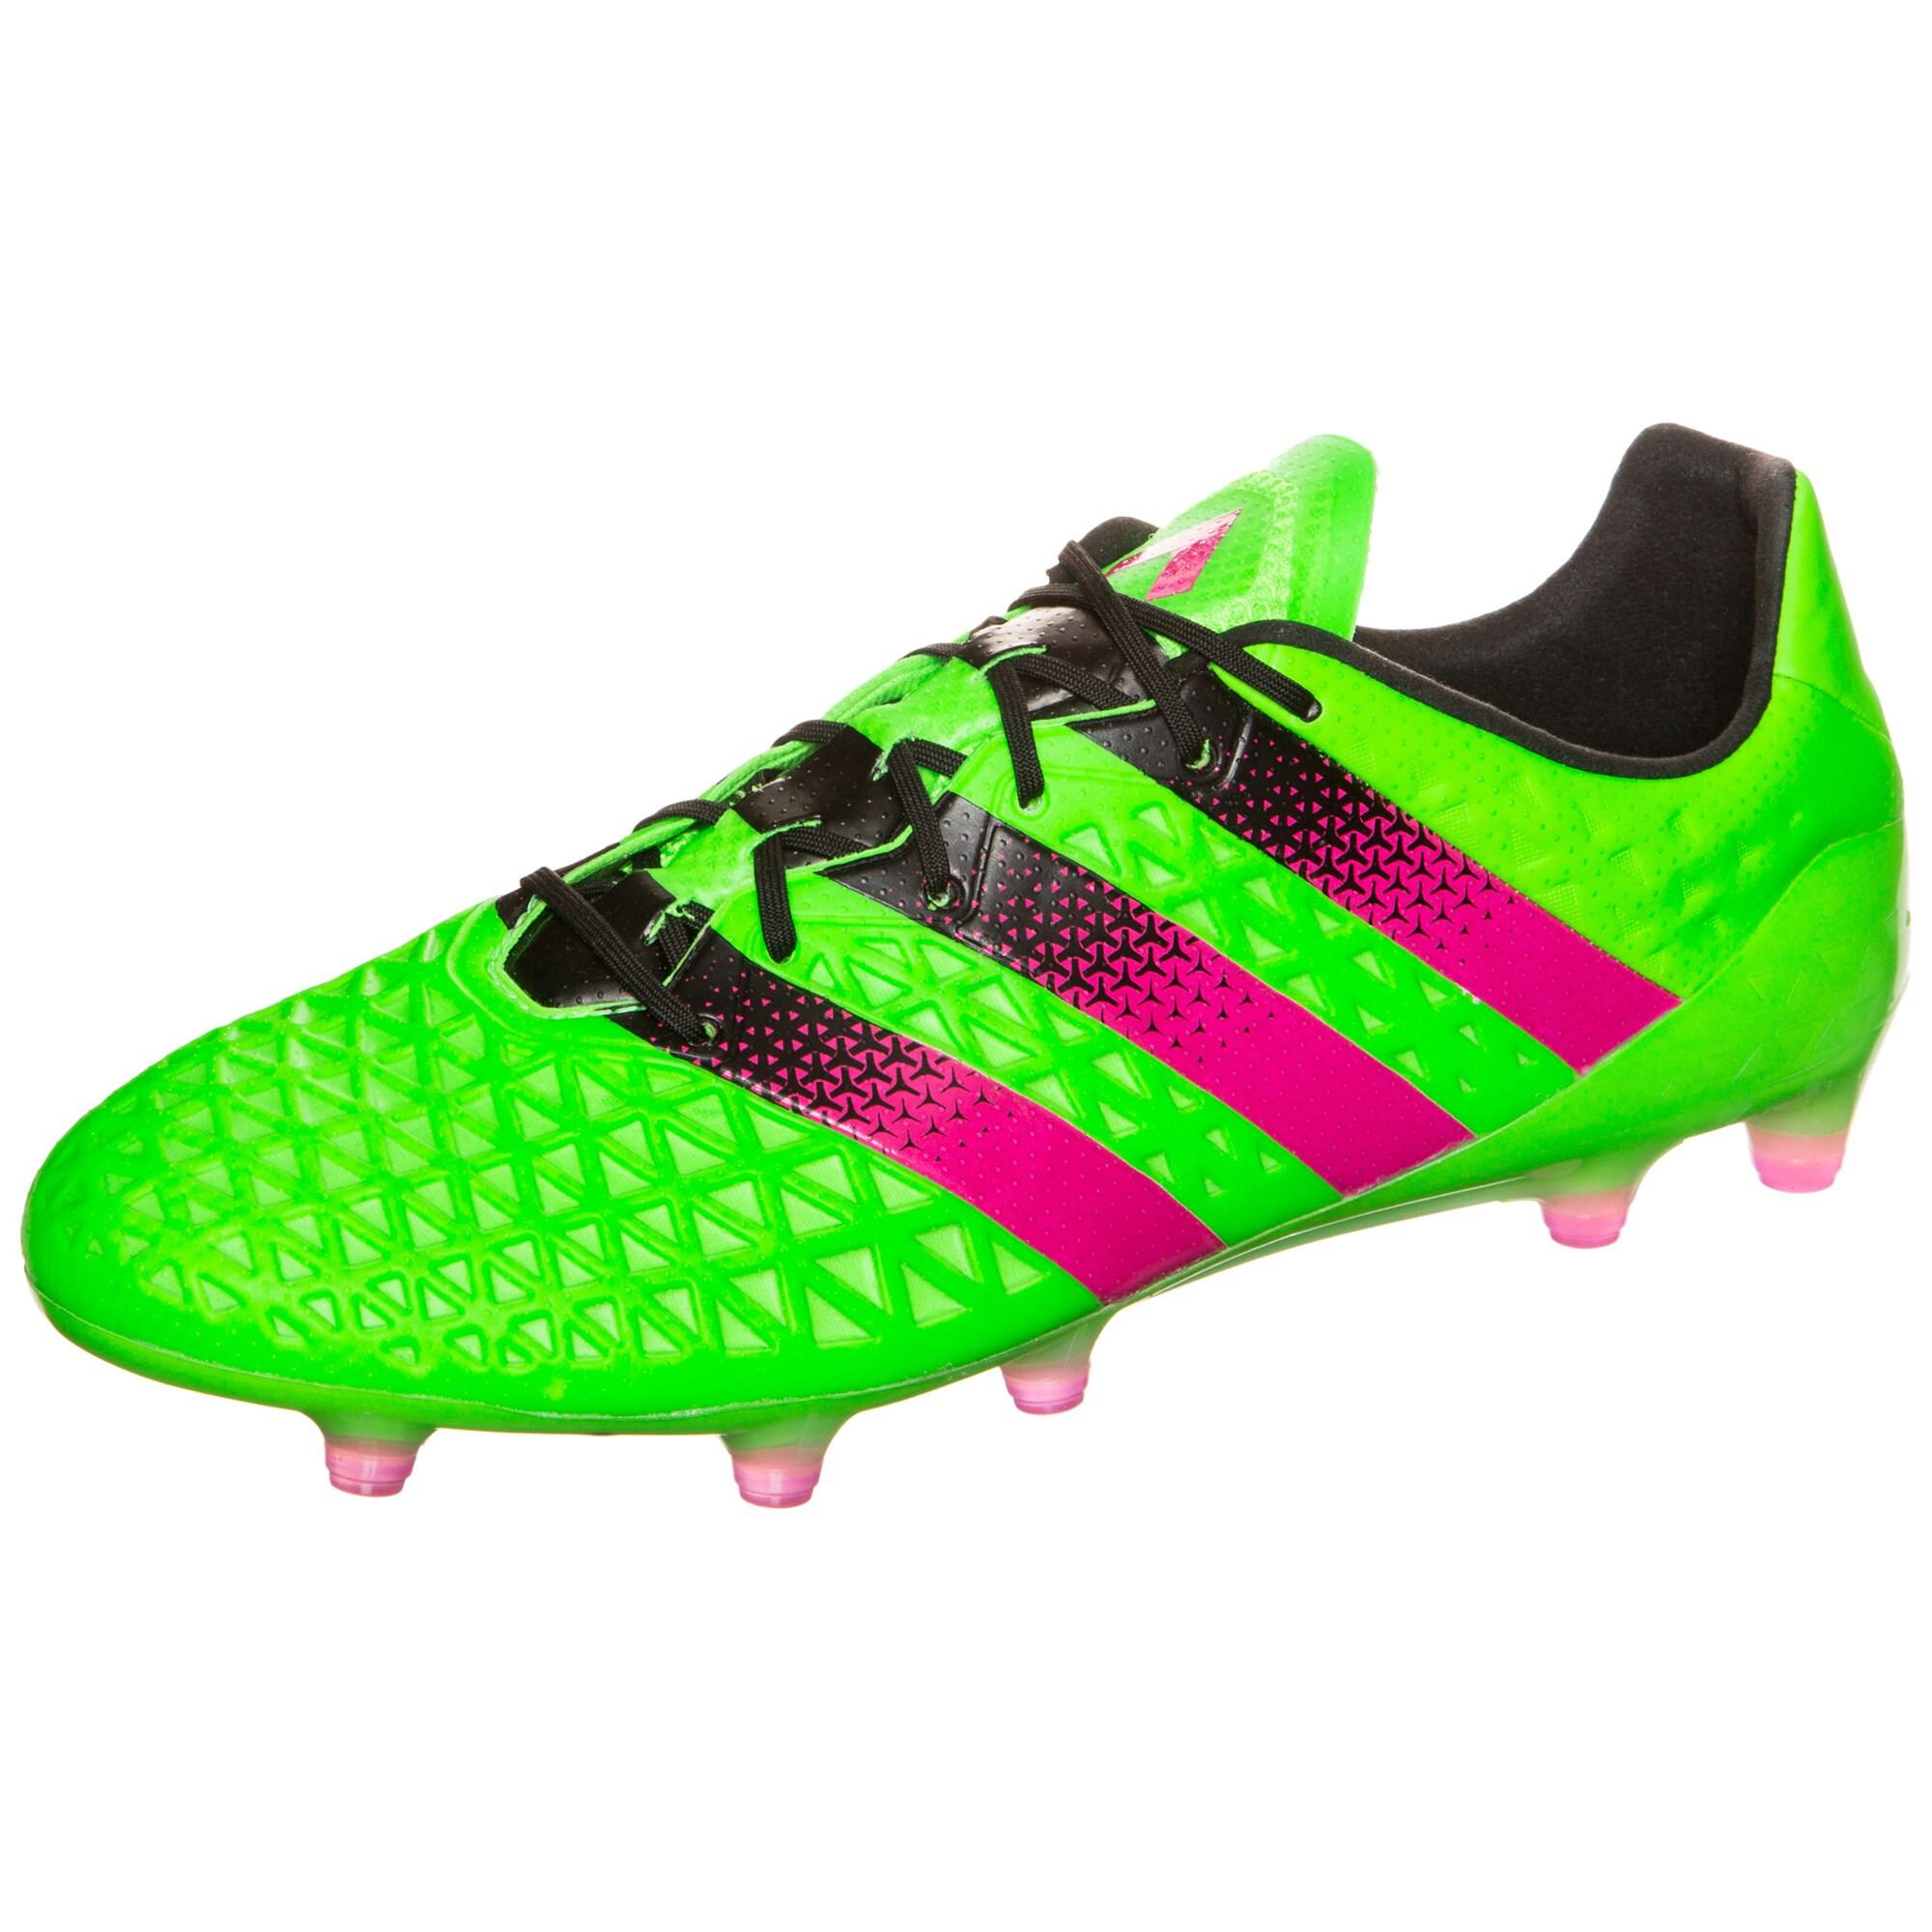 Fussballschuhe 'ACE 16.1 FG/AG AQ4894' | Schuhe > Sportschuhe > Fußballschuhe | Pink | ADIDAS PERFORMANCE